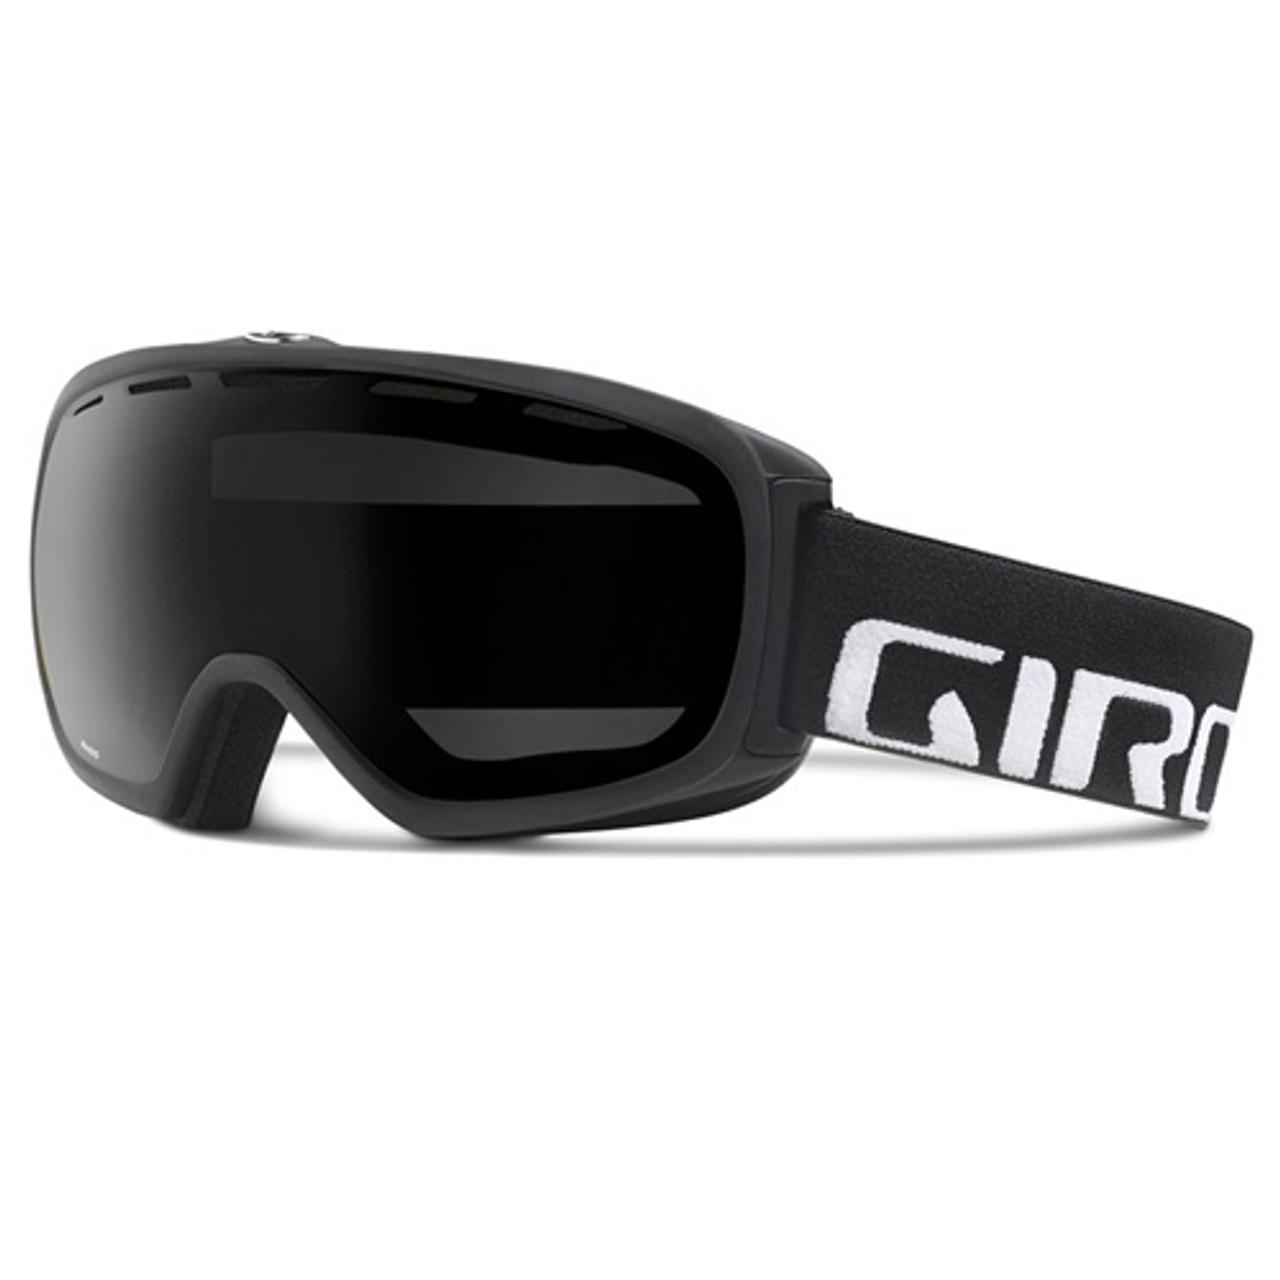 Lens for the Giro Basis Ski Goggles